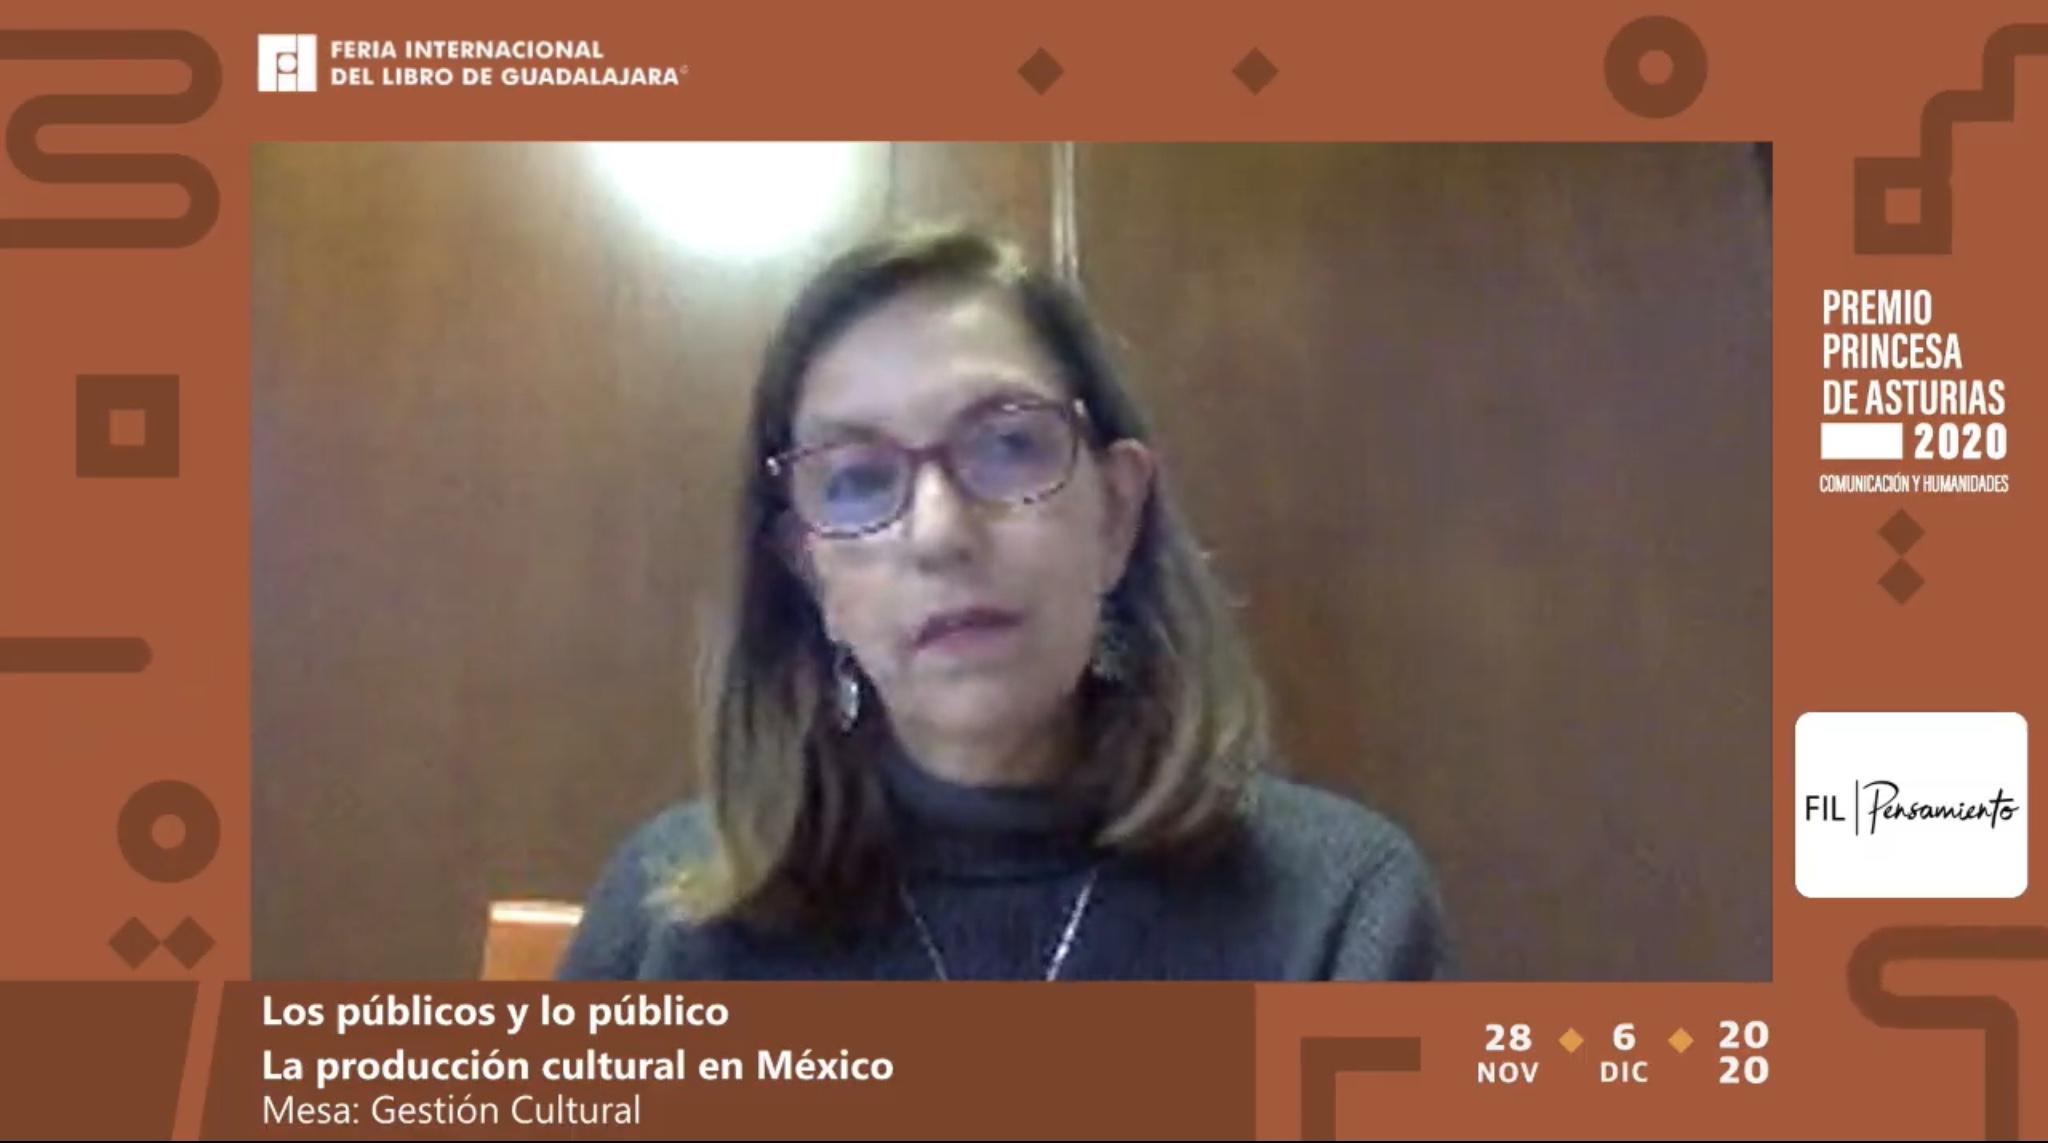 """En el foro """"Los públicos y lo público"""" del programa FIL Pensamiento, discutieron la manera en que se deben adaptar las políticas culturales en la pandemia"""